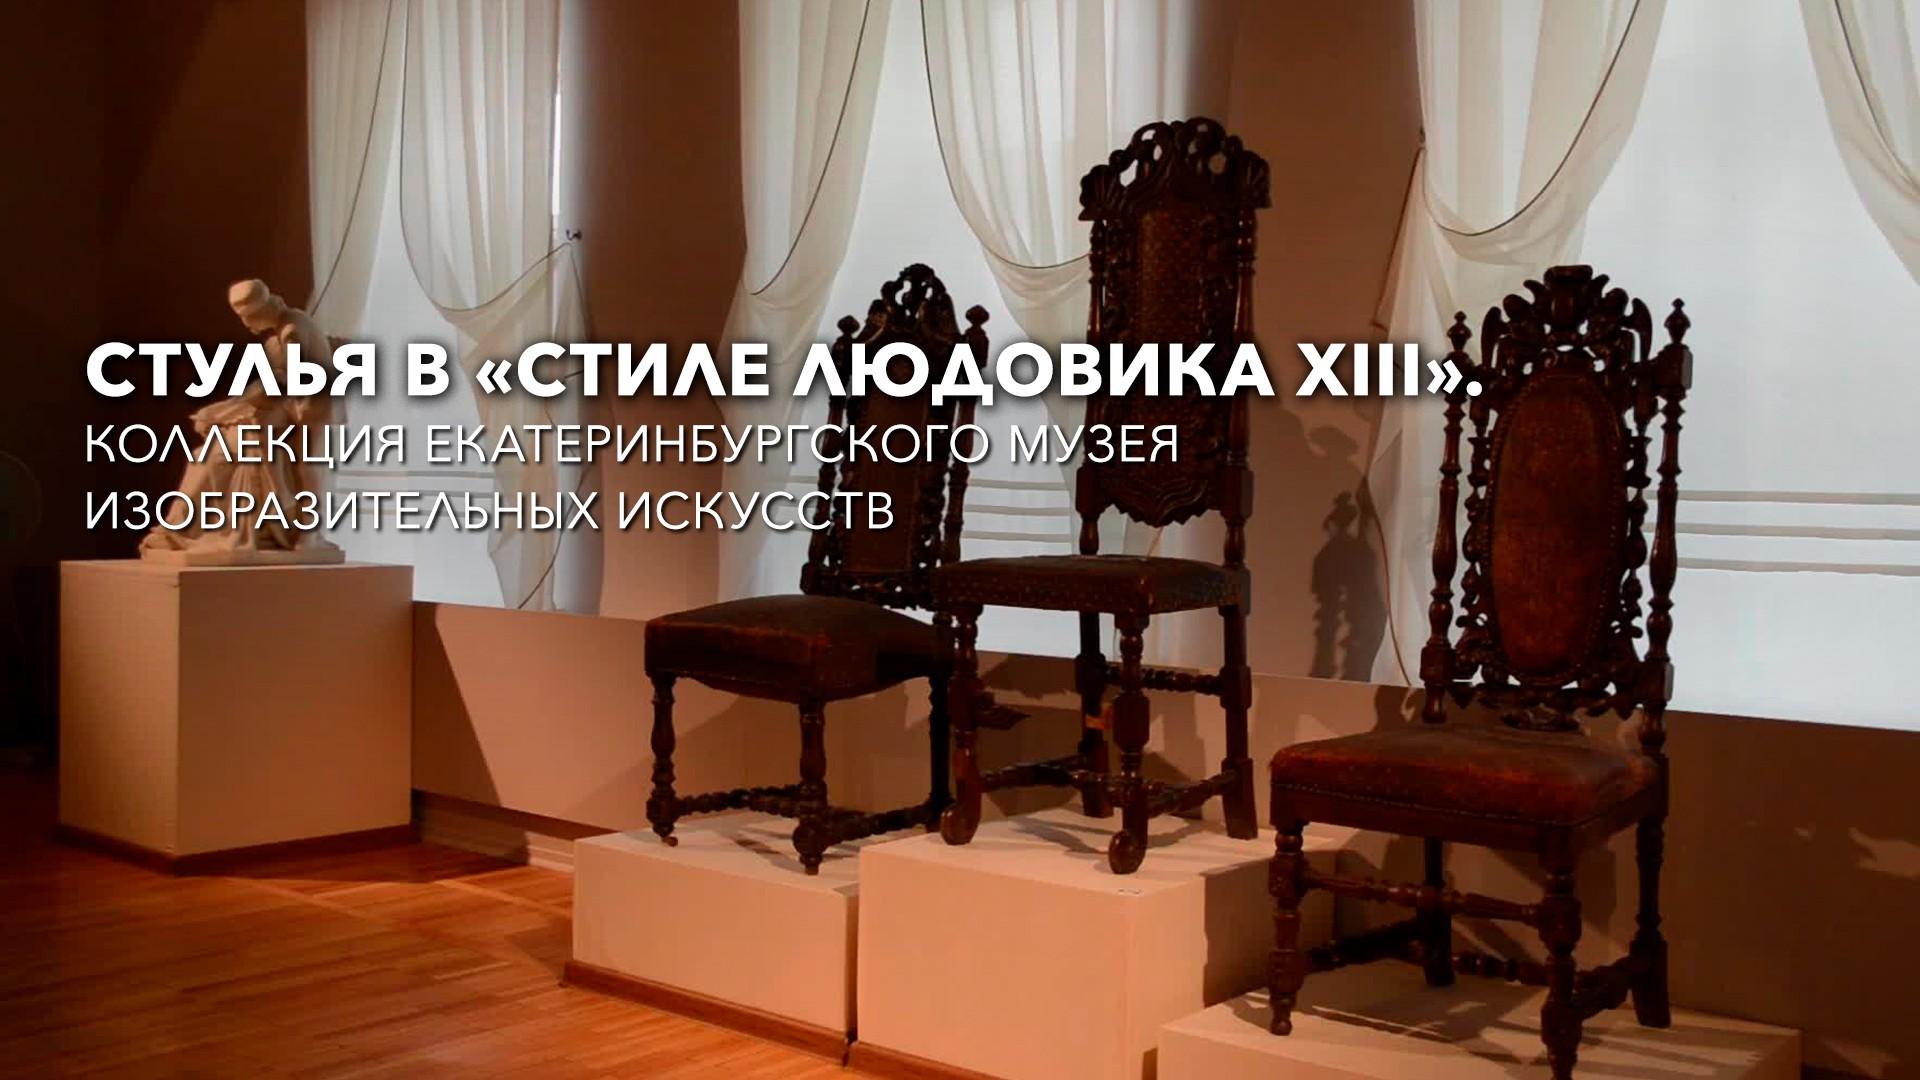 Стулья в «стиле Людовика XIII». Коллекция Екатеринбургского музея изобразительных искусств